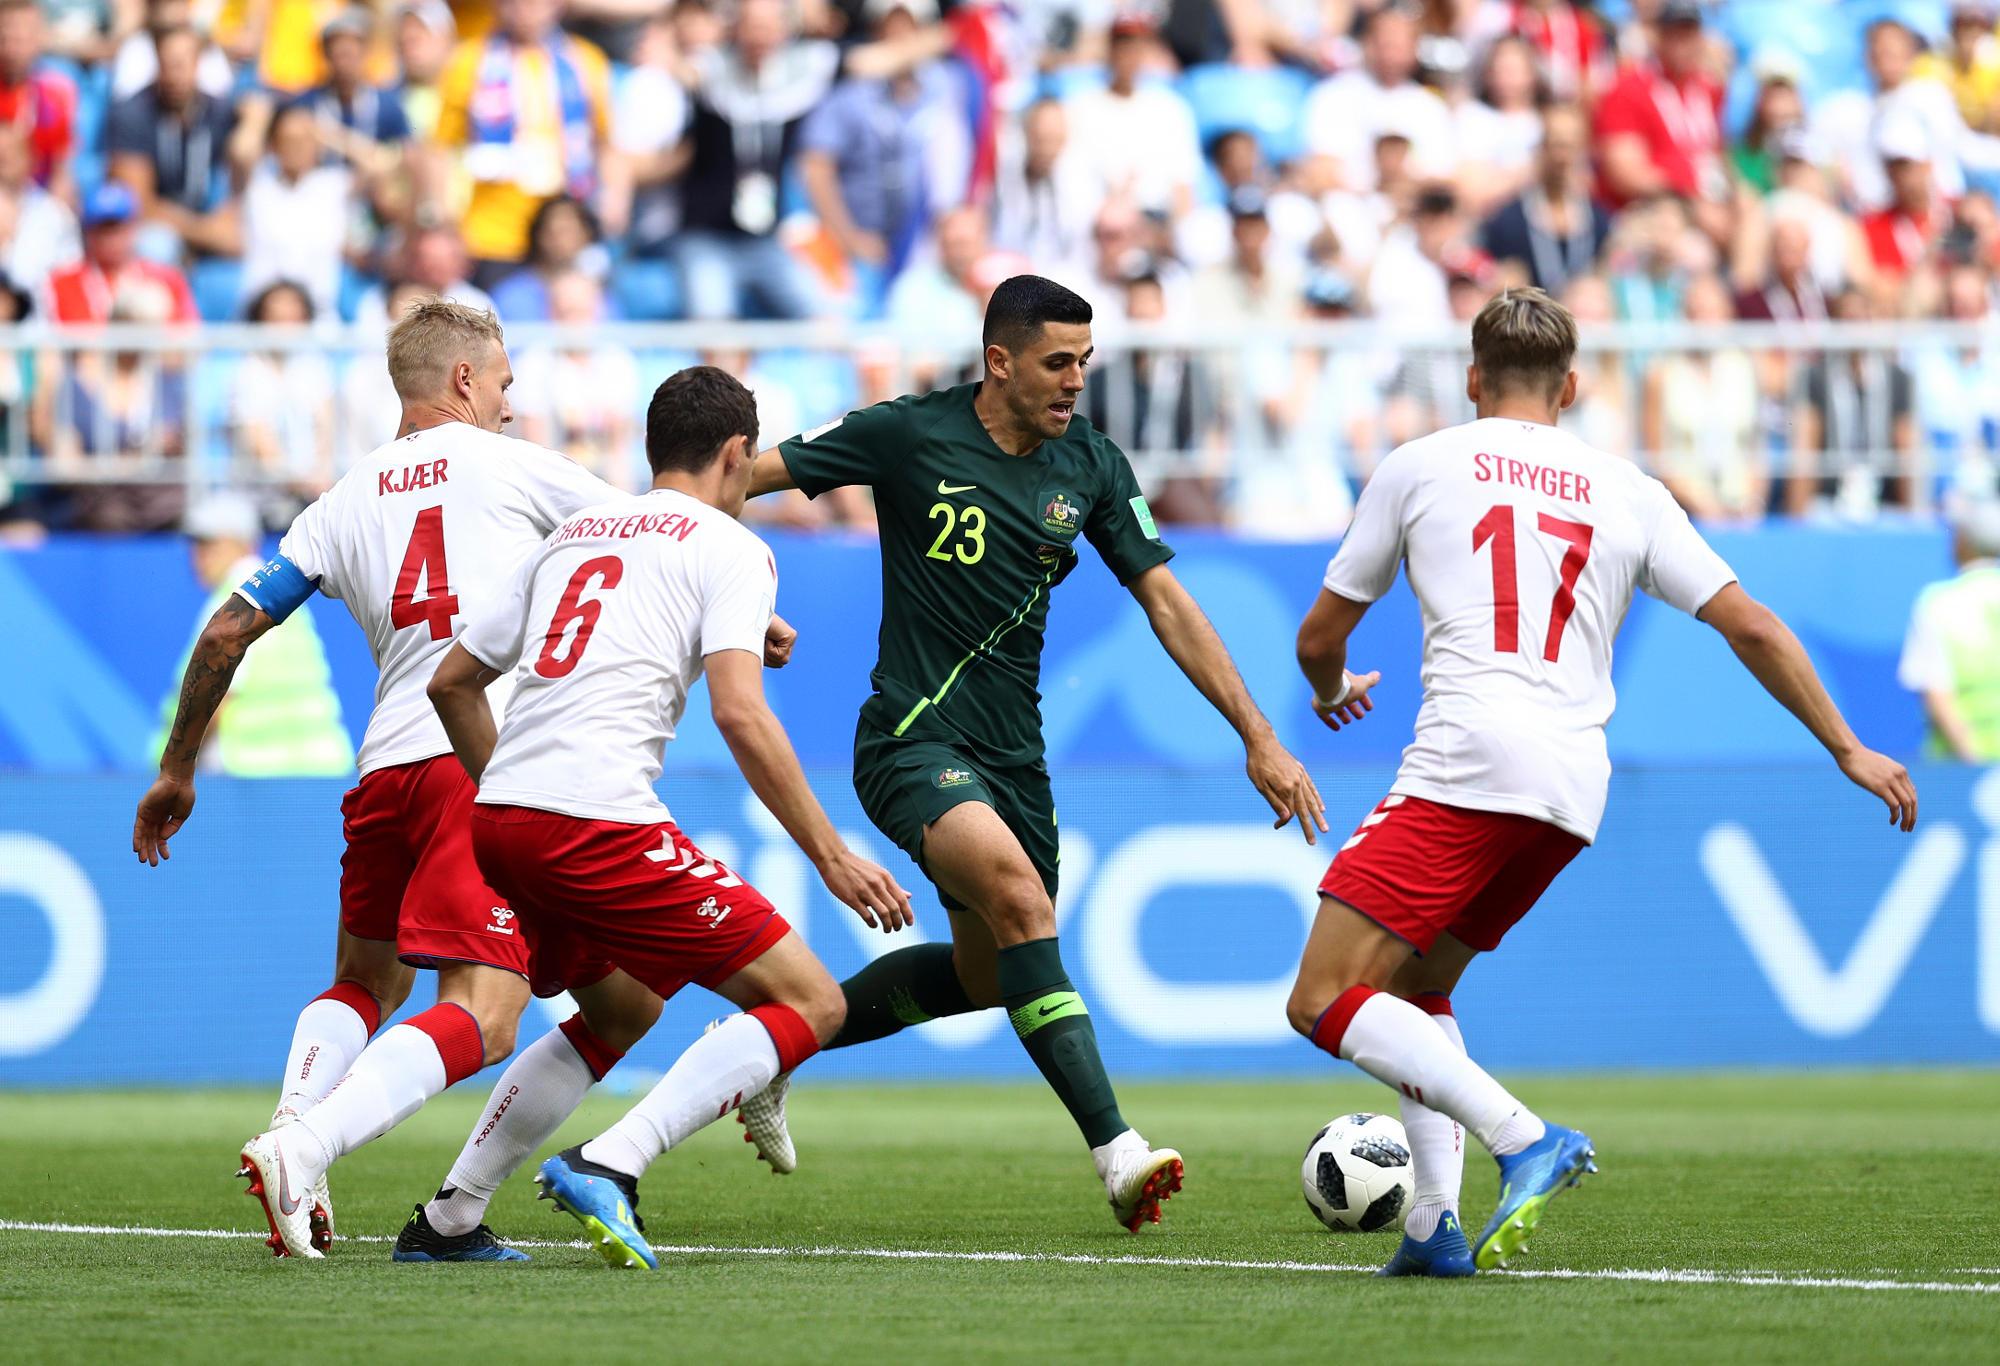 Tom Rogic in action for the Socceroos against Denmark.